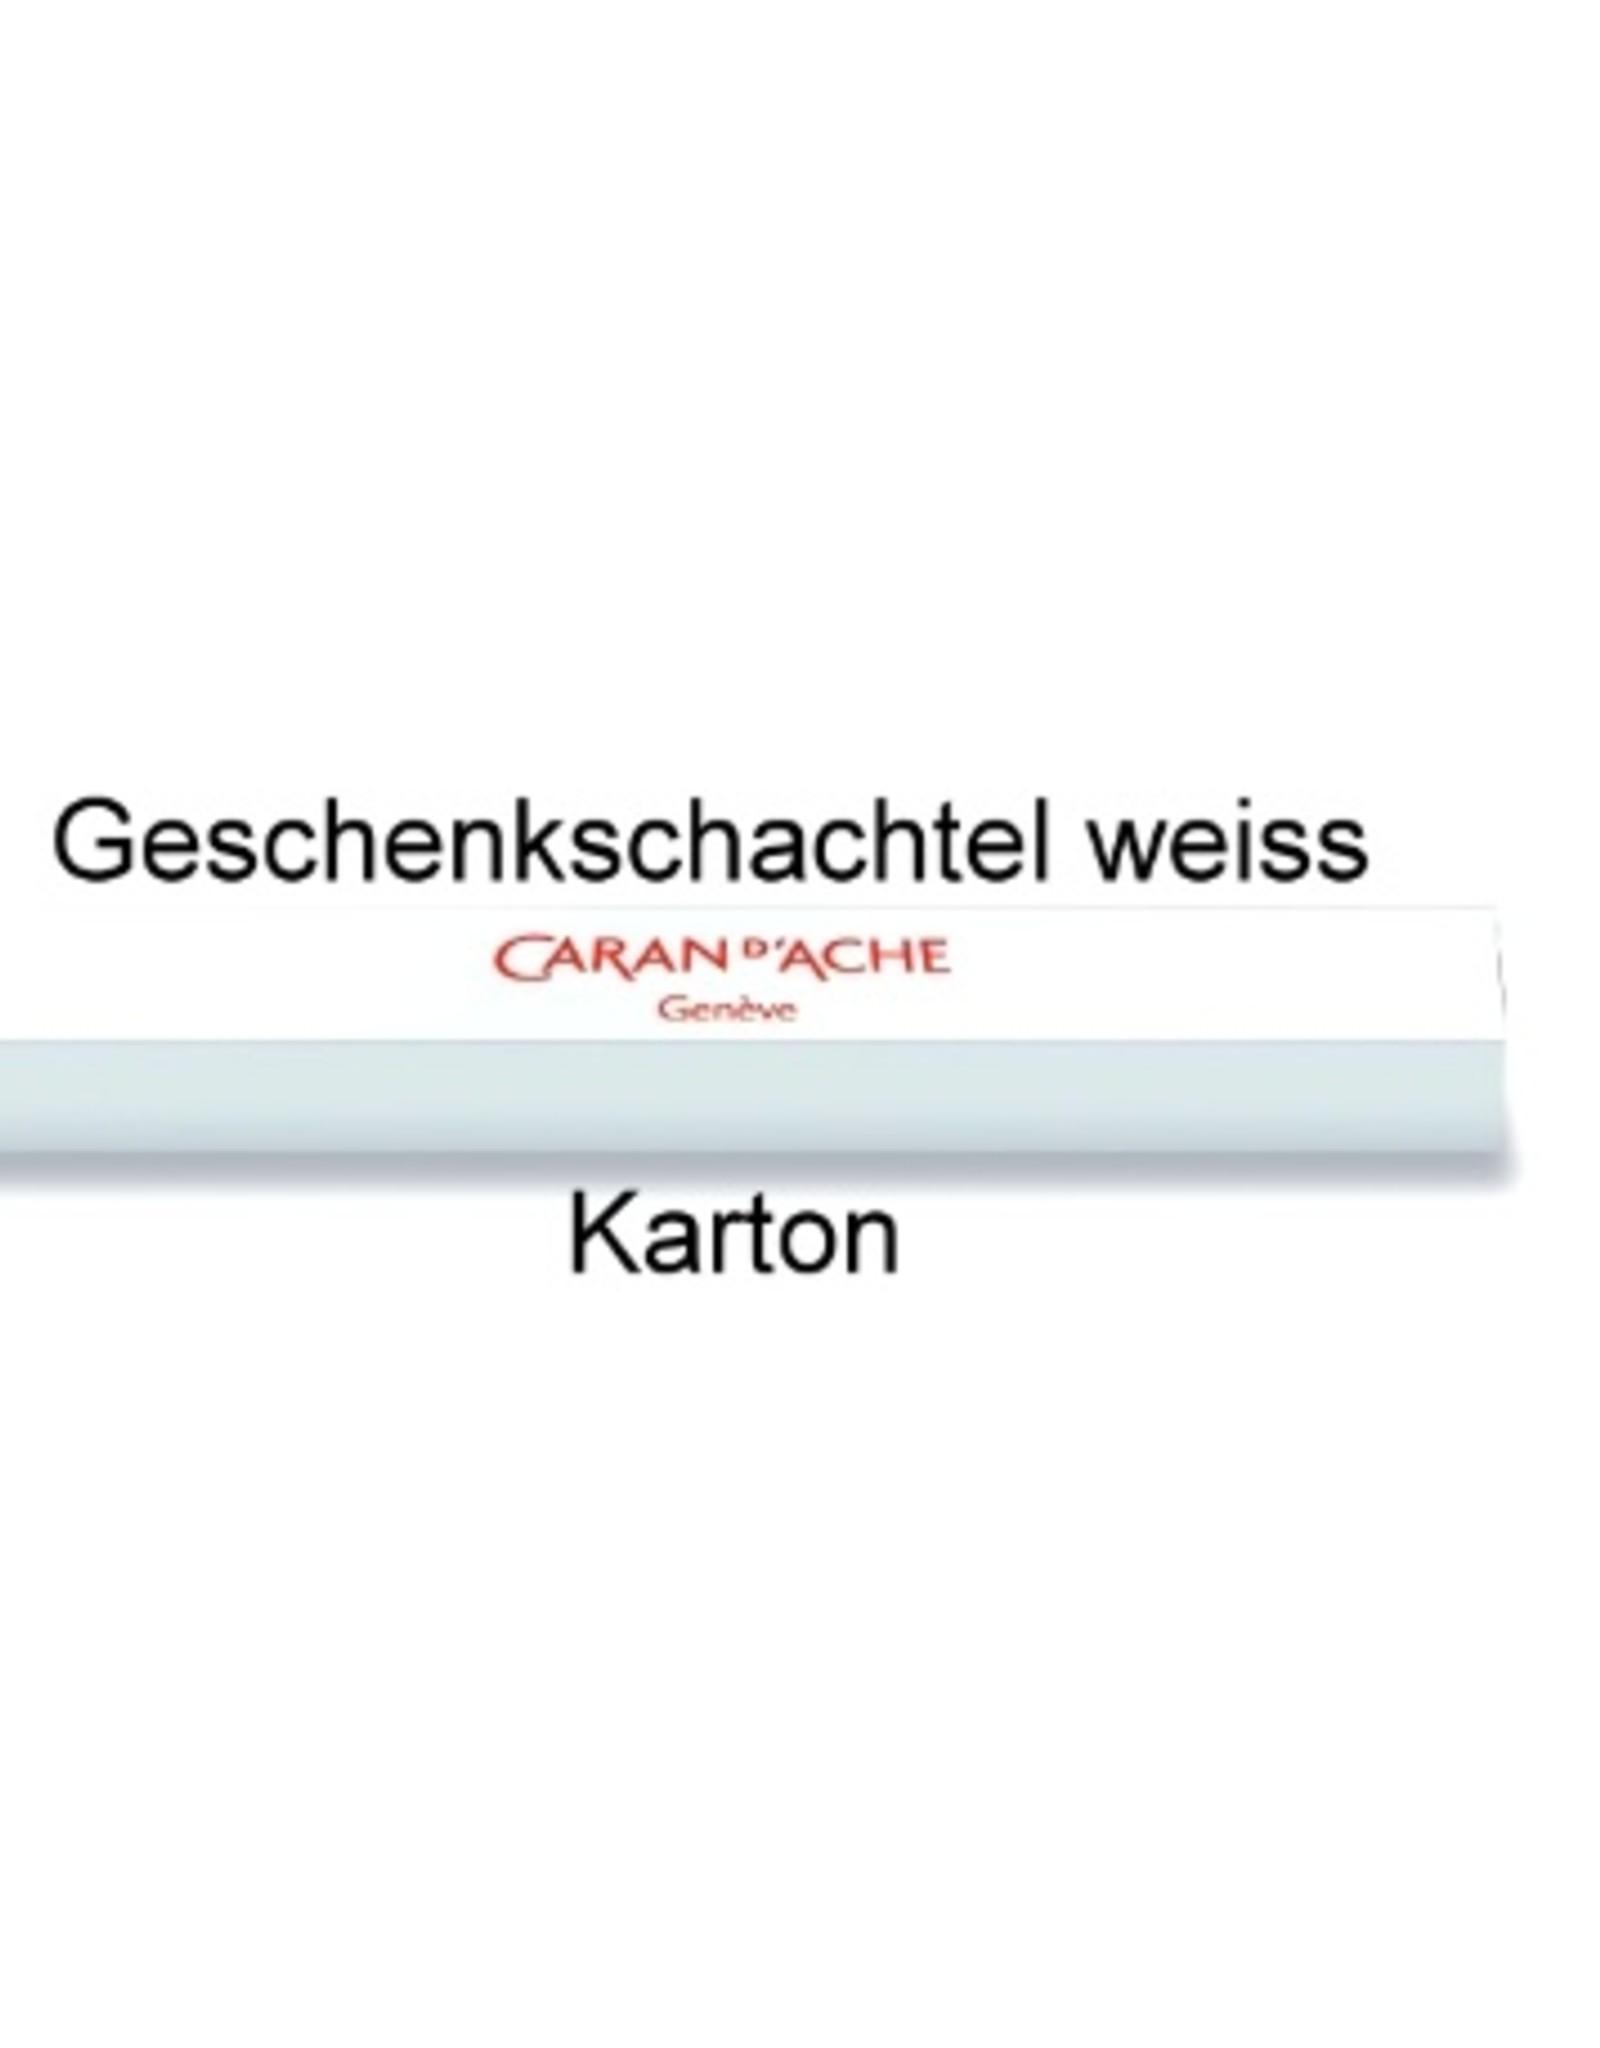 849 CLASSIC LINE grün Kugelschreiber inkl. Gravur und Karton-Geschenkverpackung